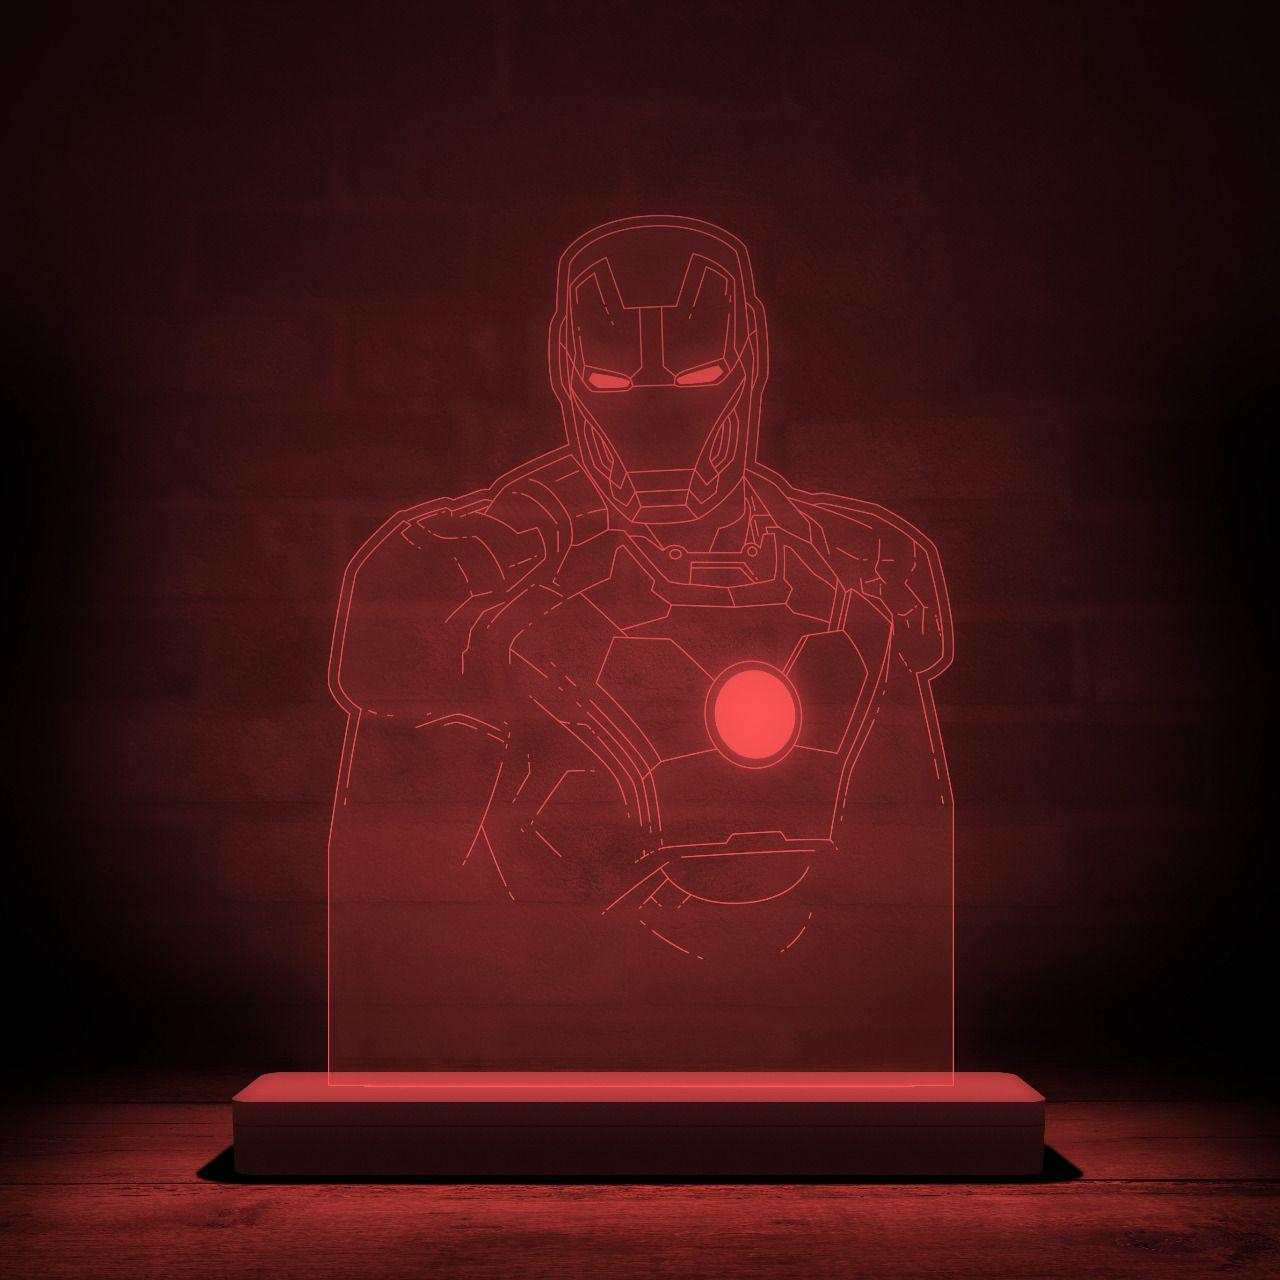 Luminária/Abajur Homem de Ferro (Iron Man): Marvel - EV